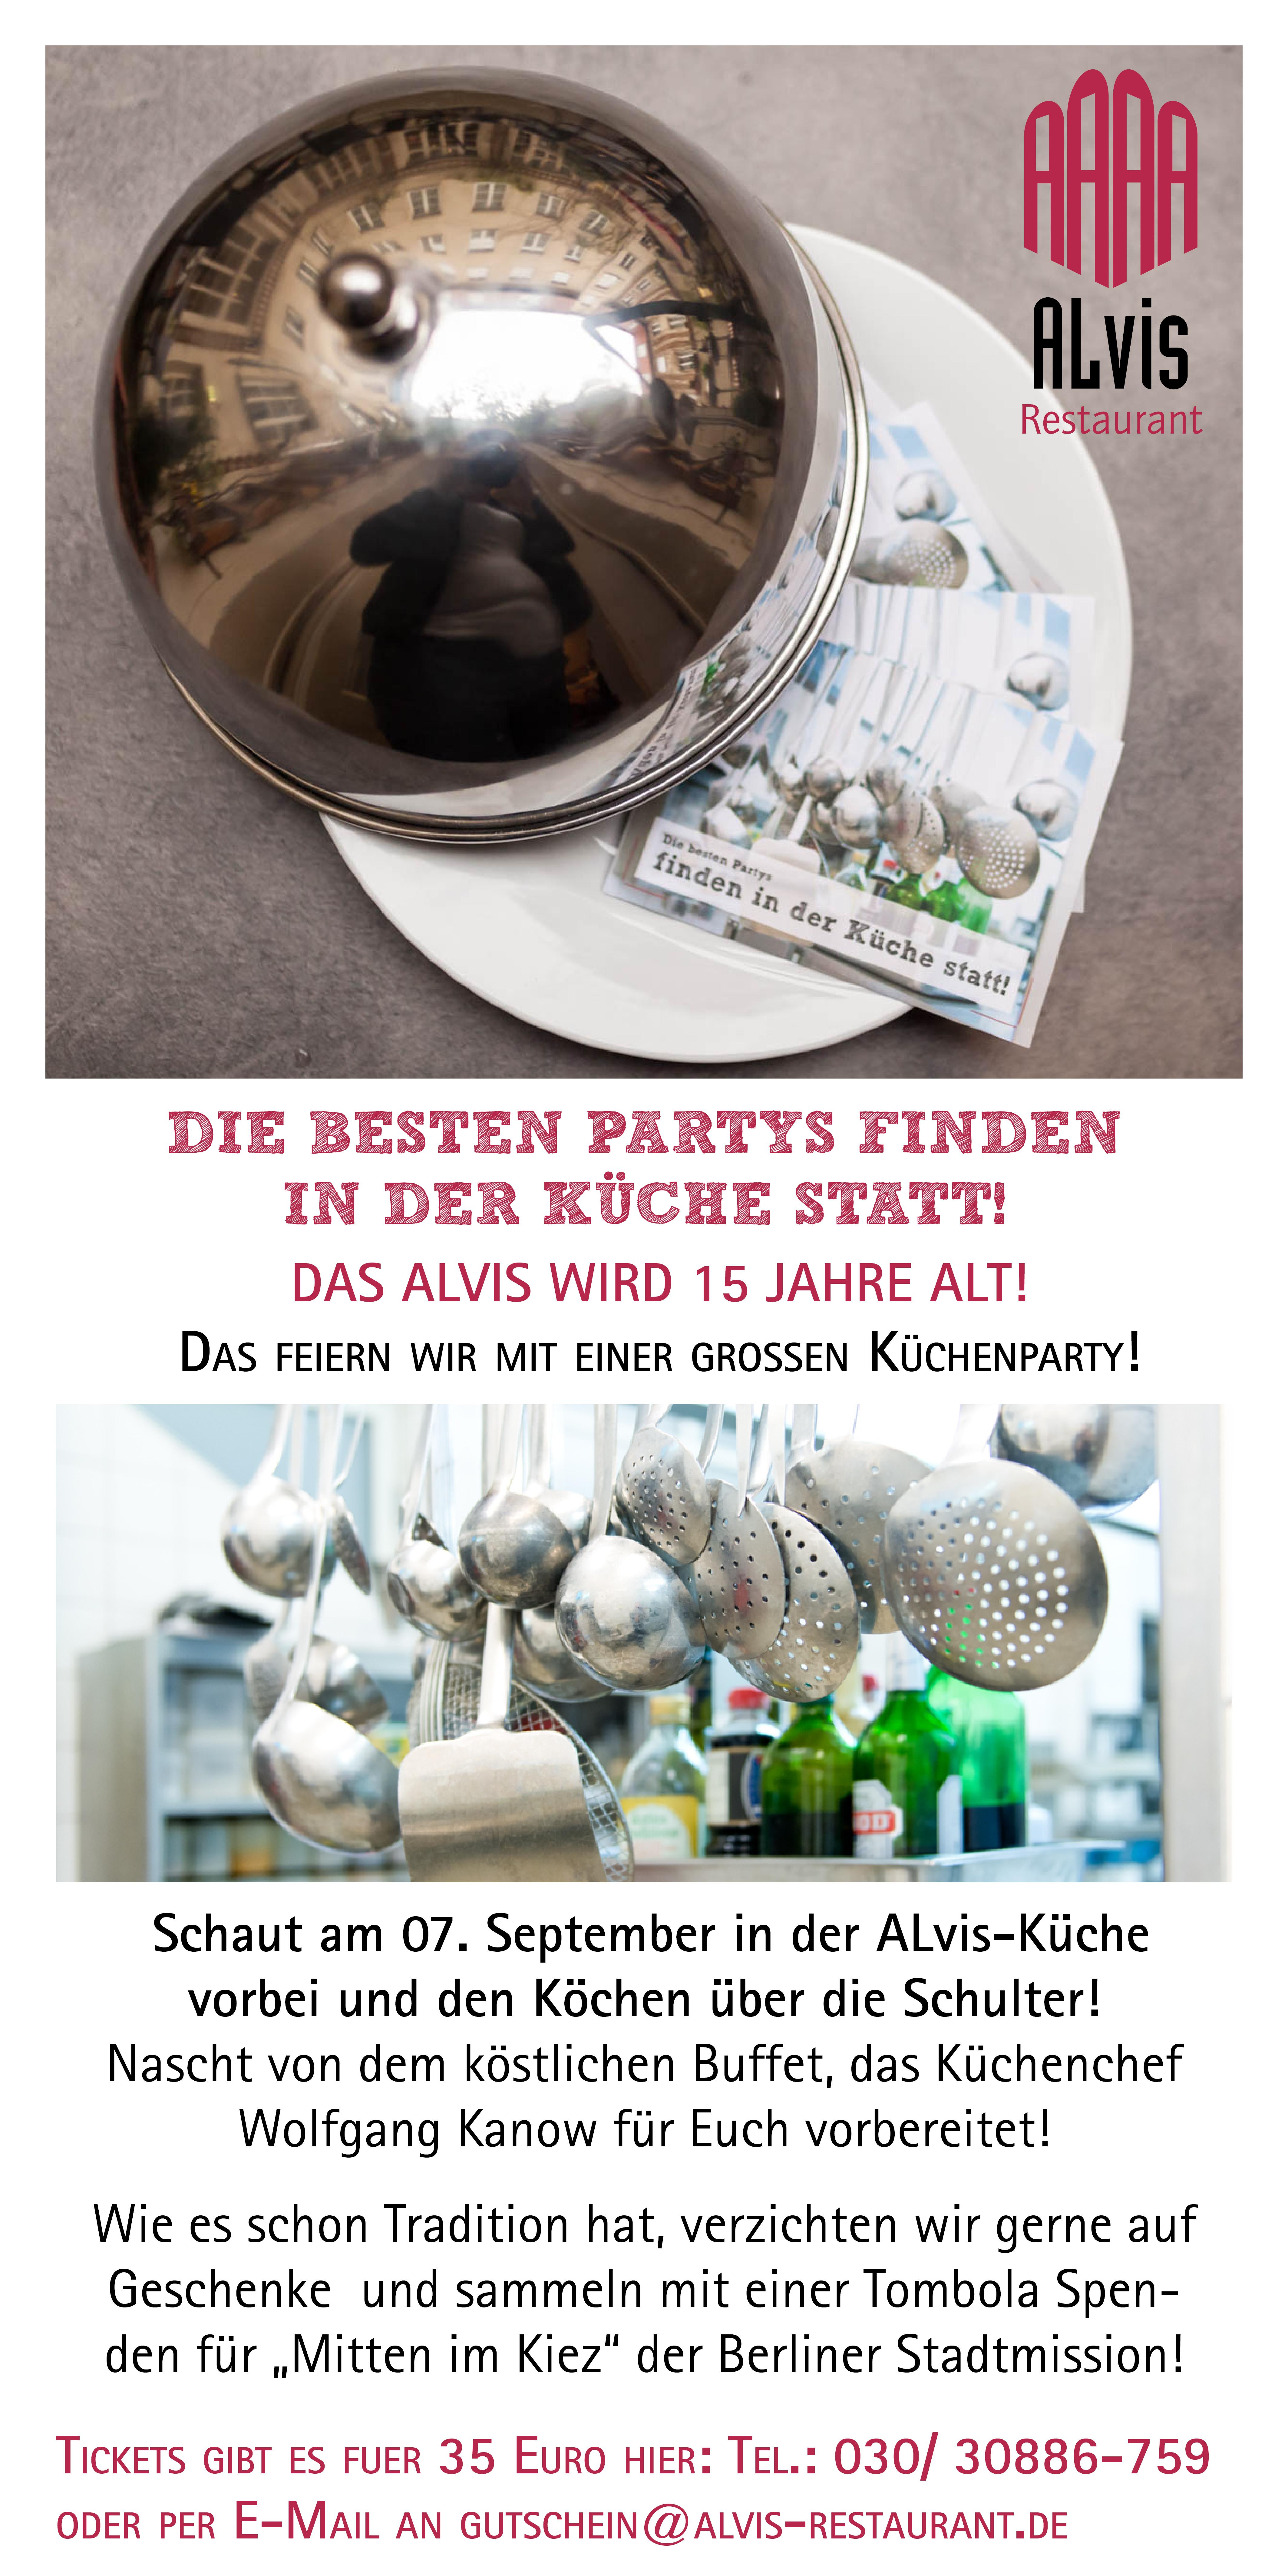 Küchenparty im Restaurant ALvis in Berlin Mitte